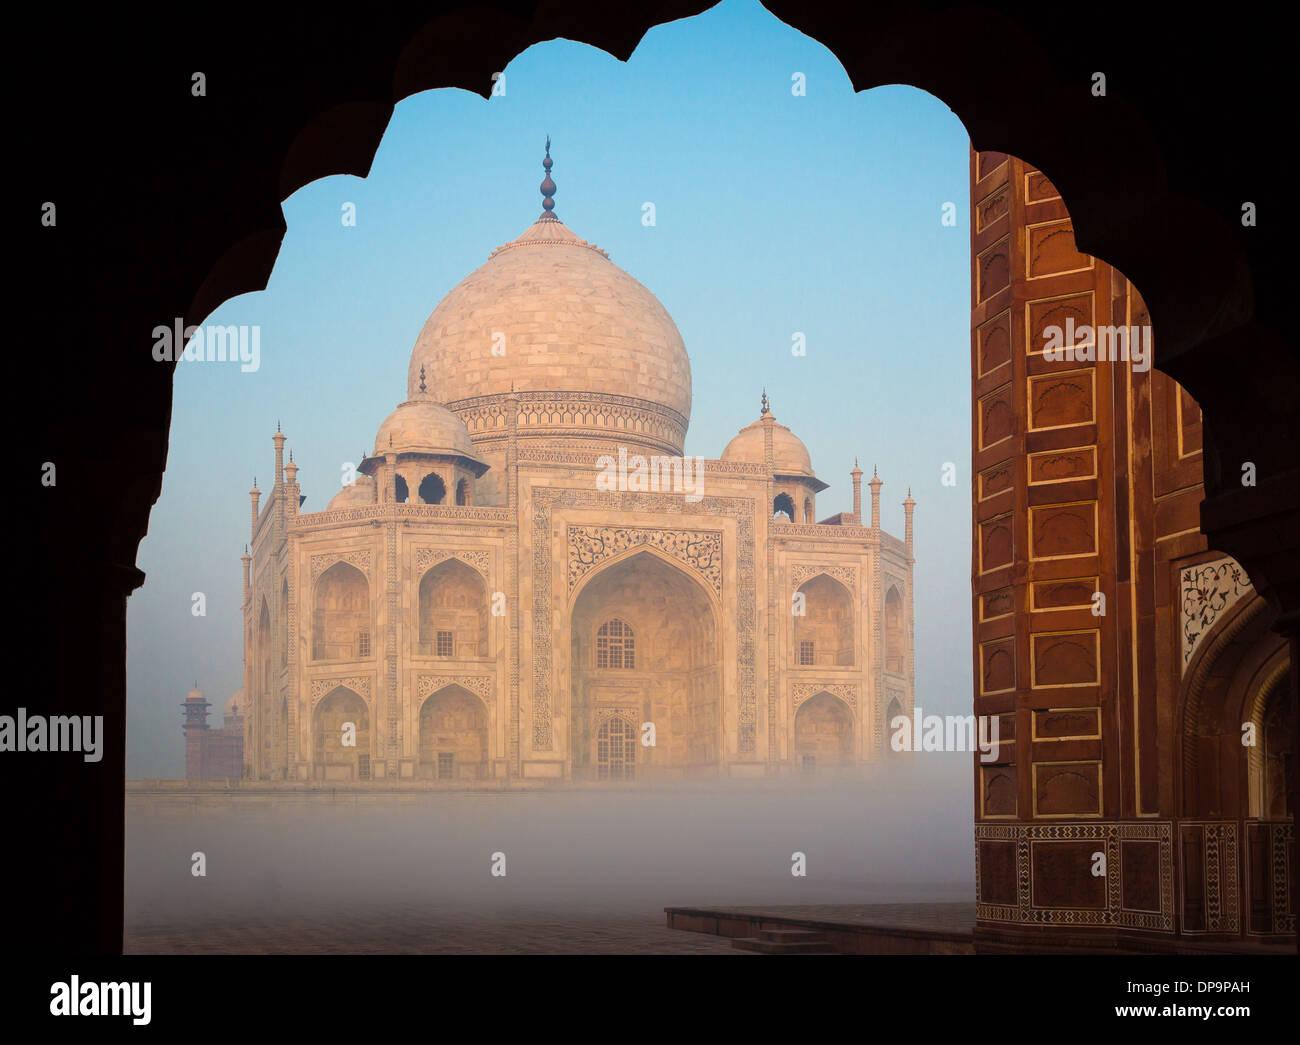 El Taj Mahal es un mausoleo de mármol blanco situado en Agra, Uttar Pradesh, India Foto de stock